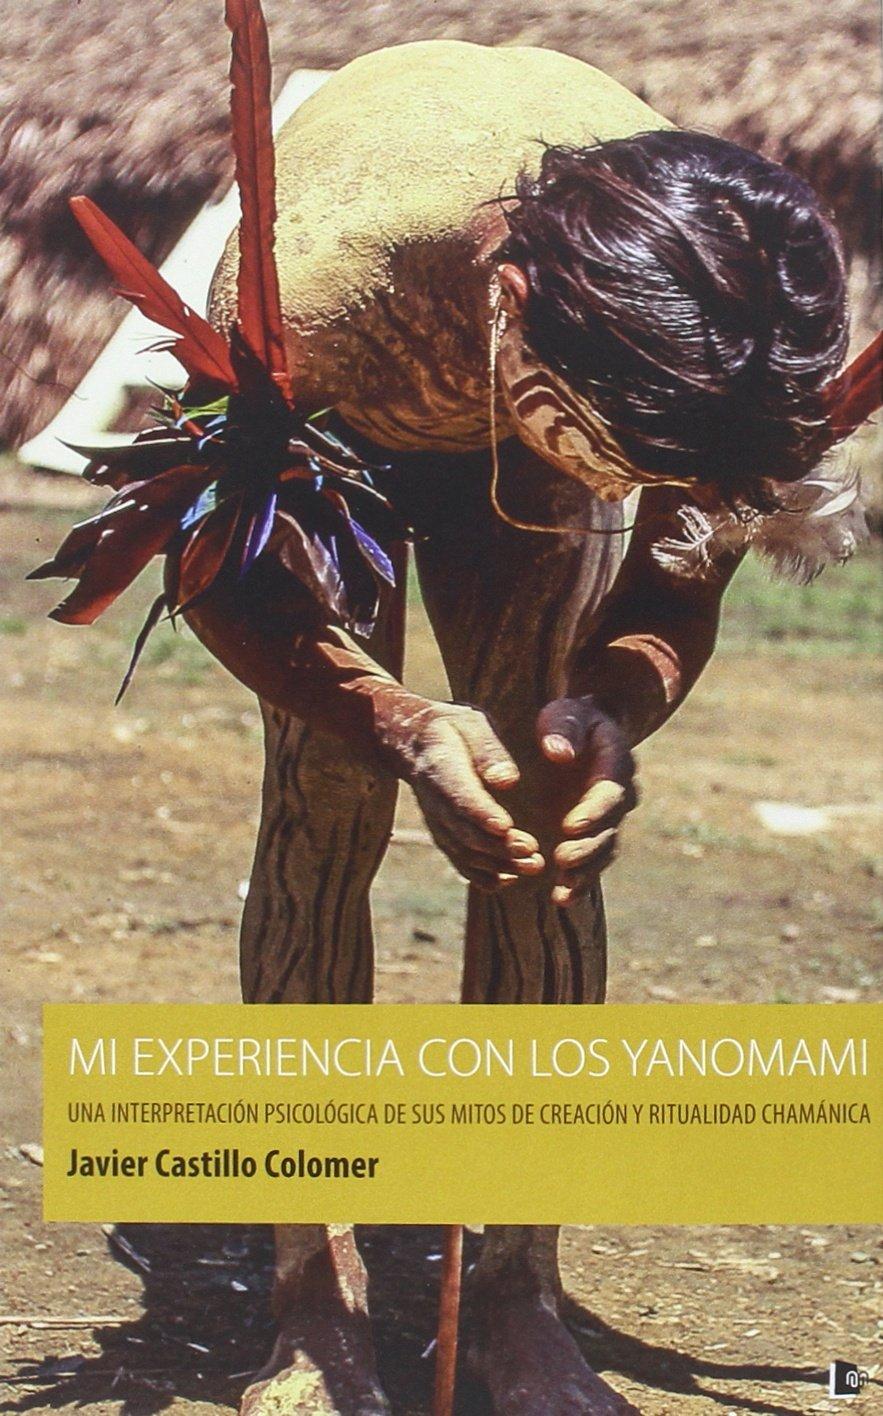 Mi Experiencia con los Yanomami